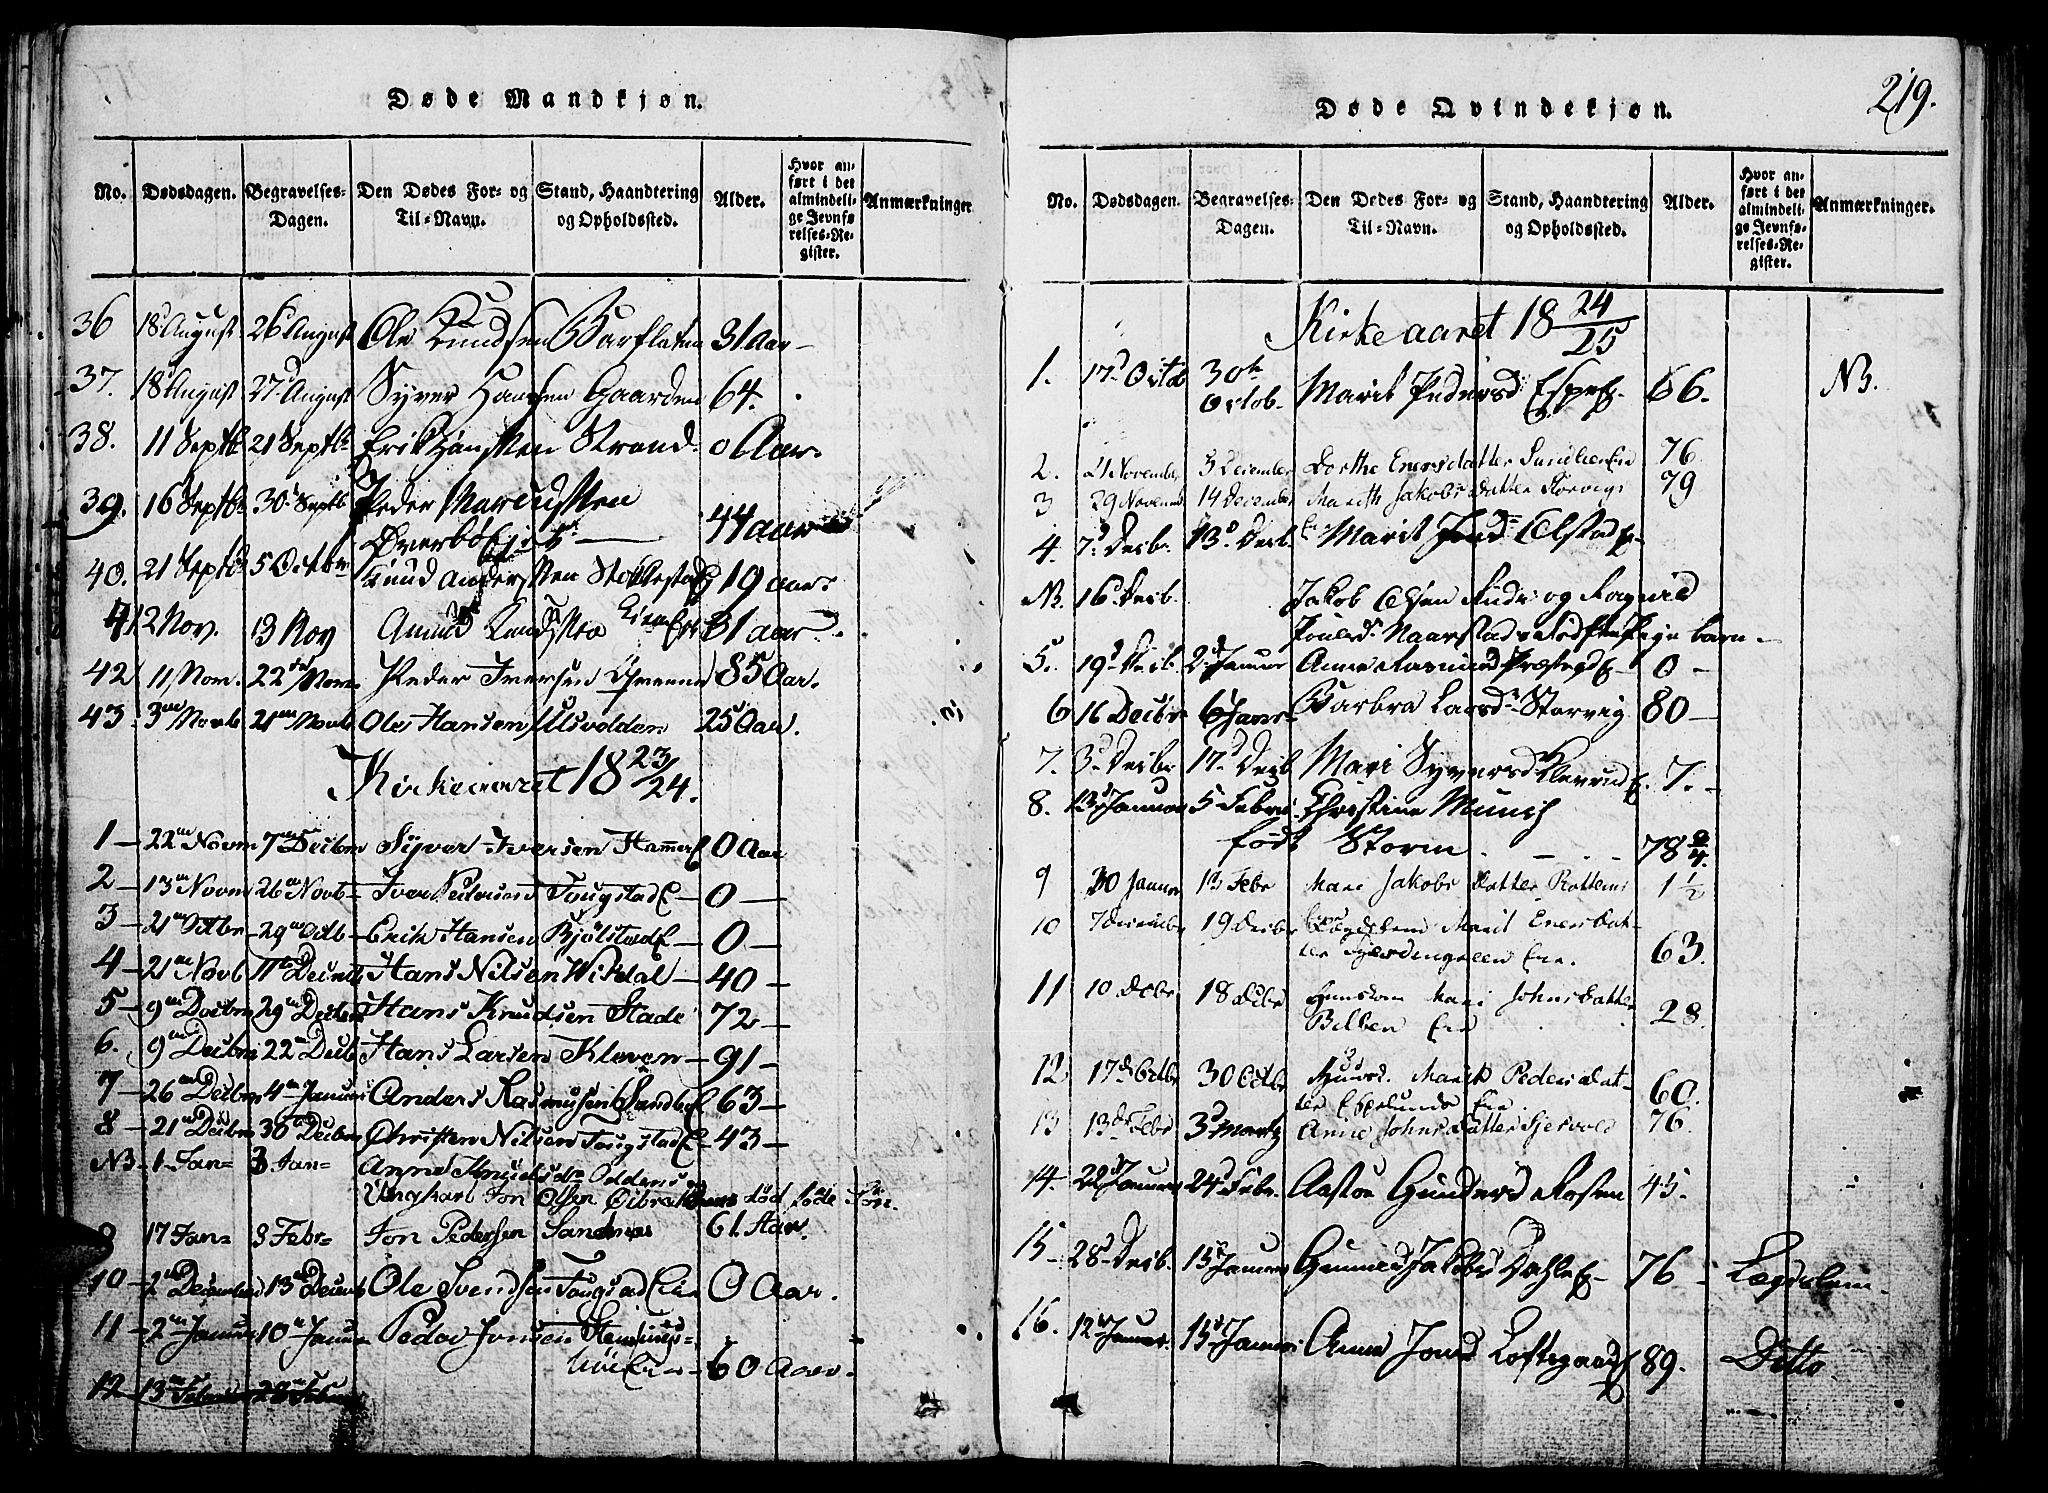 SAH, Vågå prestekontor, Klokkerbok nr. 1, 1815-1827, s. 218-219